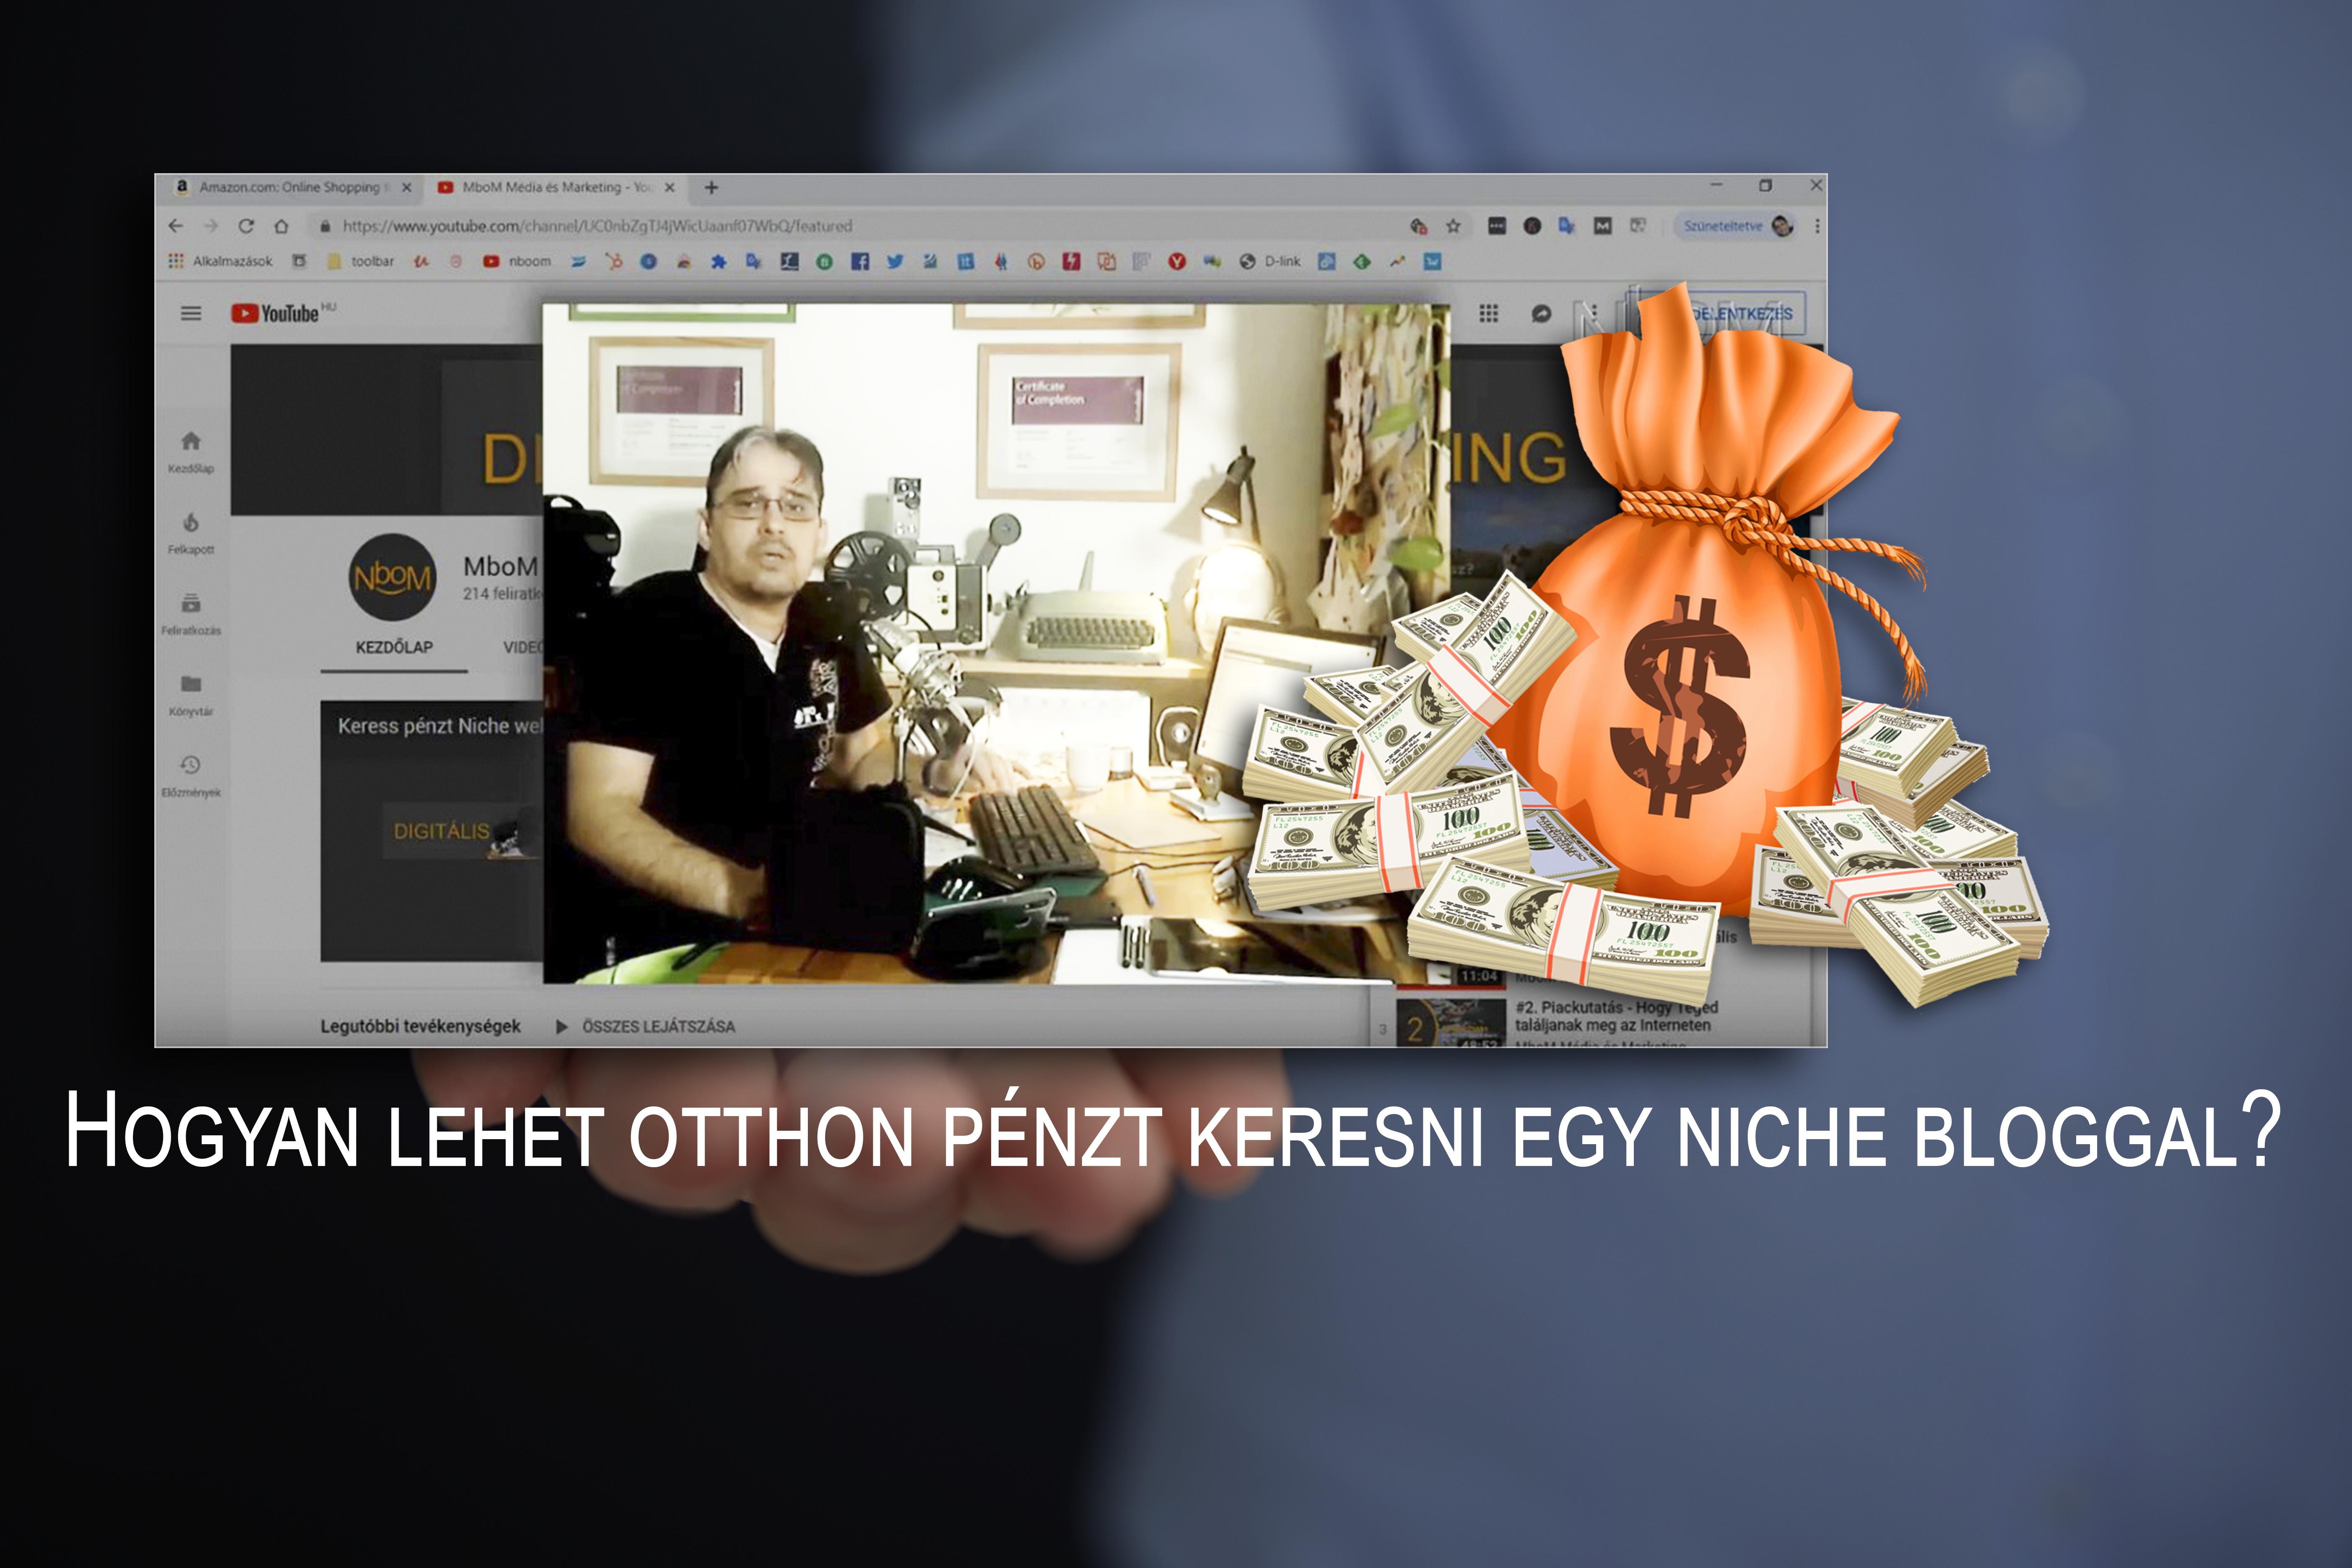 hogyan lehet pénzt keresni az interneten a google hogyan lehet online pénzt keresni